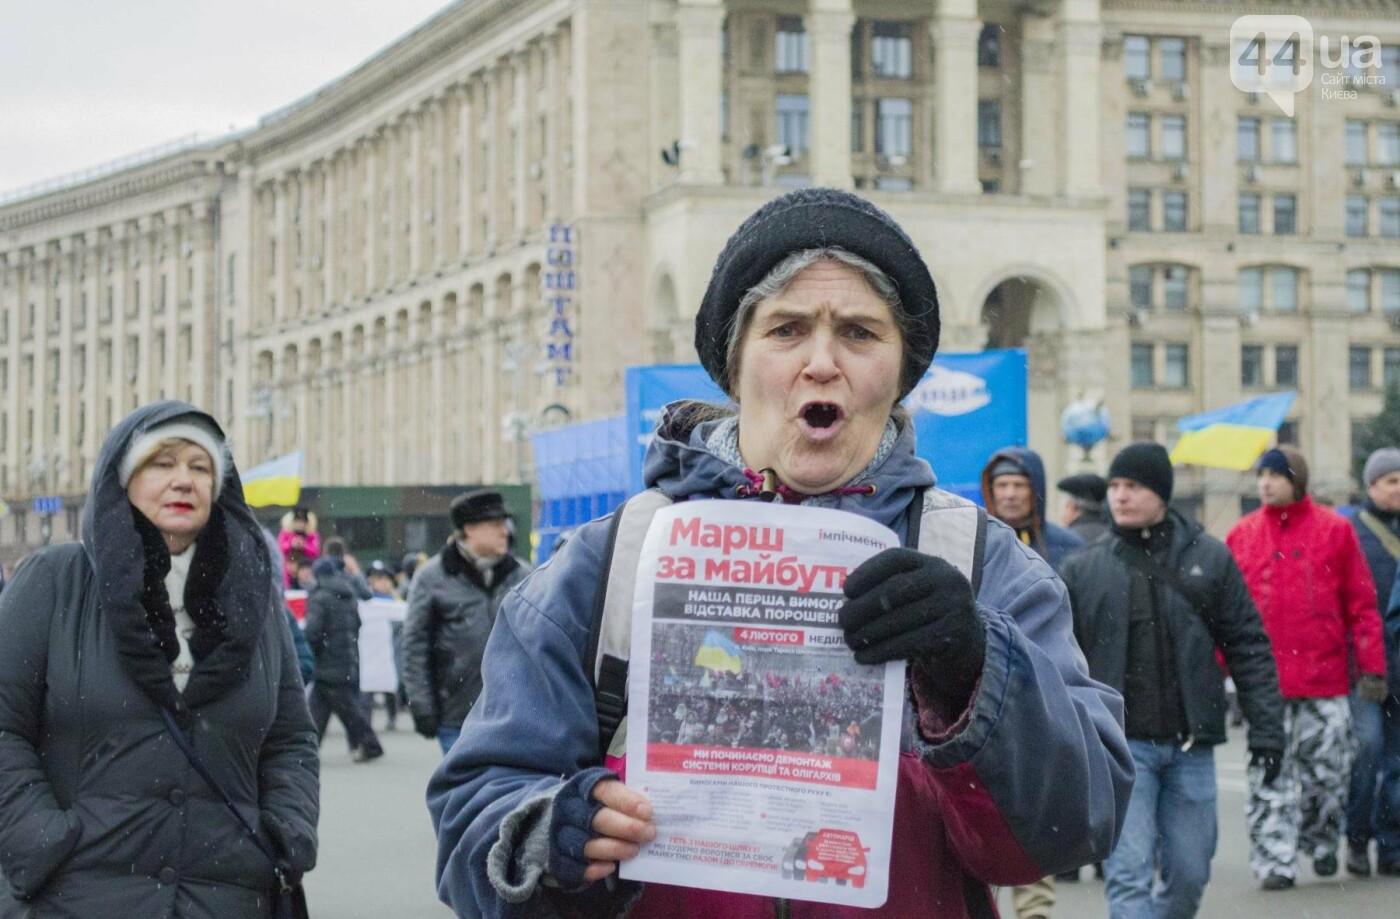 Порошенко дали 14 дней на отставку: Саакашвили провел очередной марш за импичмент, фото-13